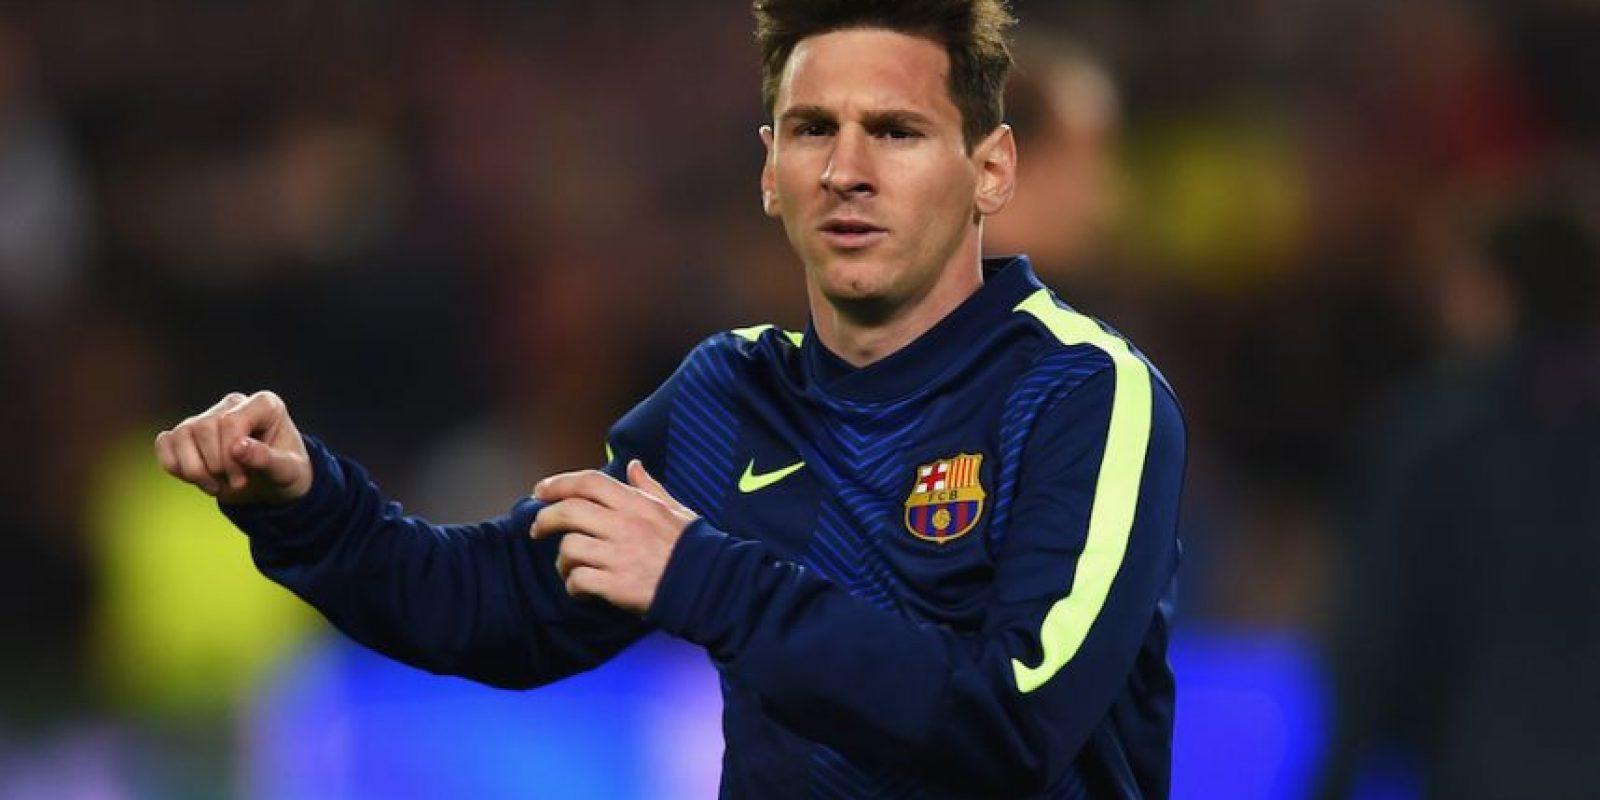 Según la fiscalía, el delantero y su padre, Jorge Messi, eludiaron el pago de impuestos por la explotación comercial de los derechos de imagen del delantero. Foto:Getty Images